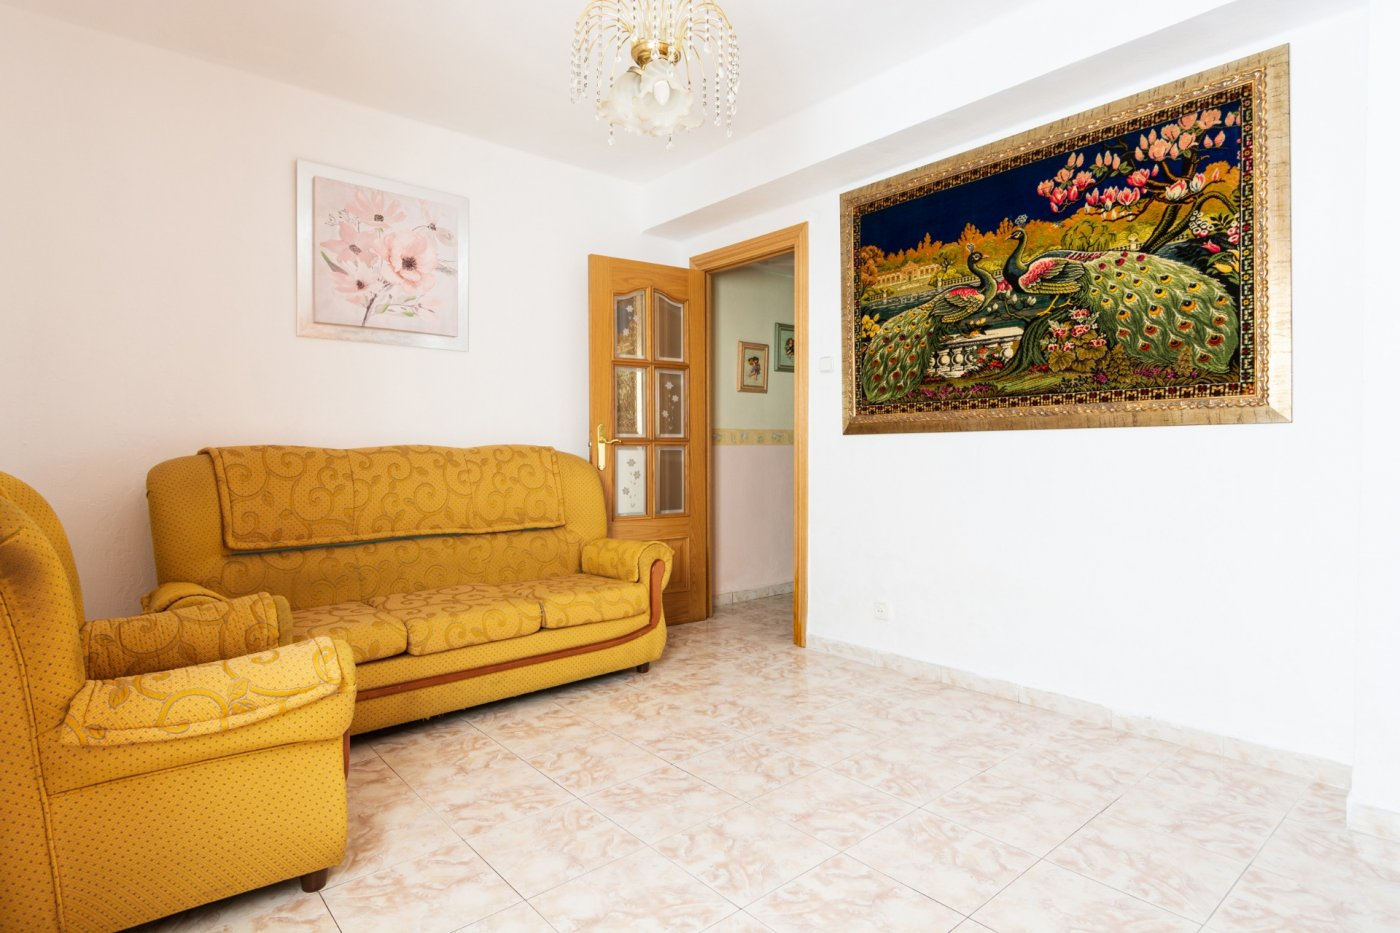 Venta de piso en zaragoza - imagenInmueble14